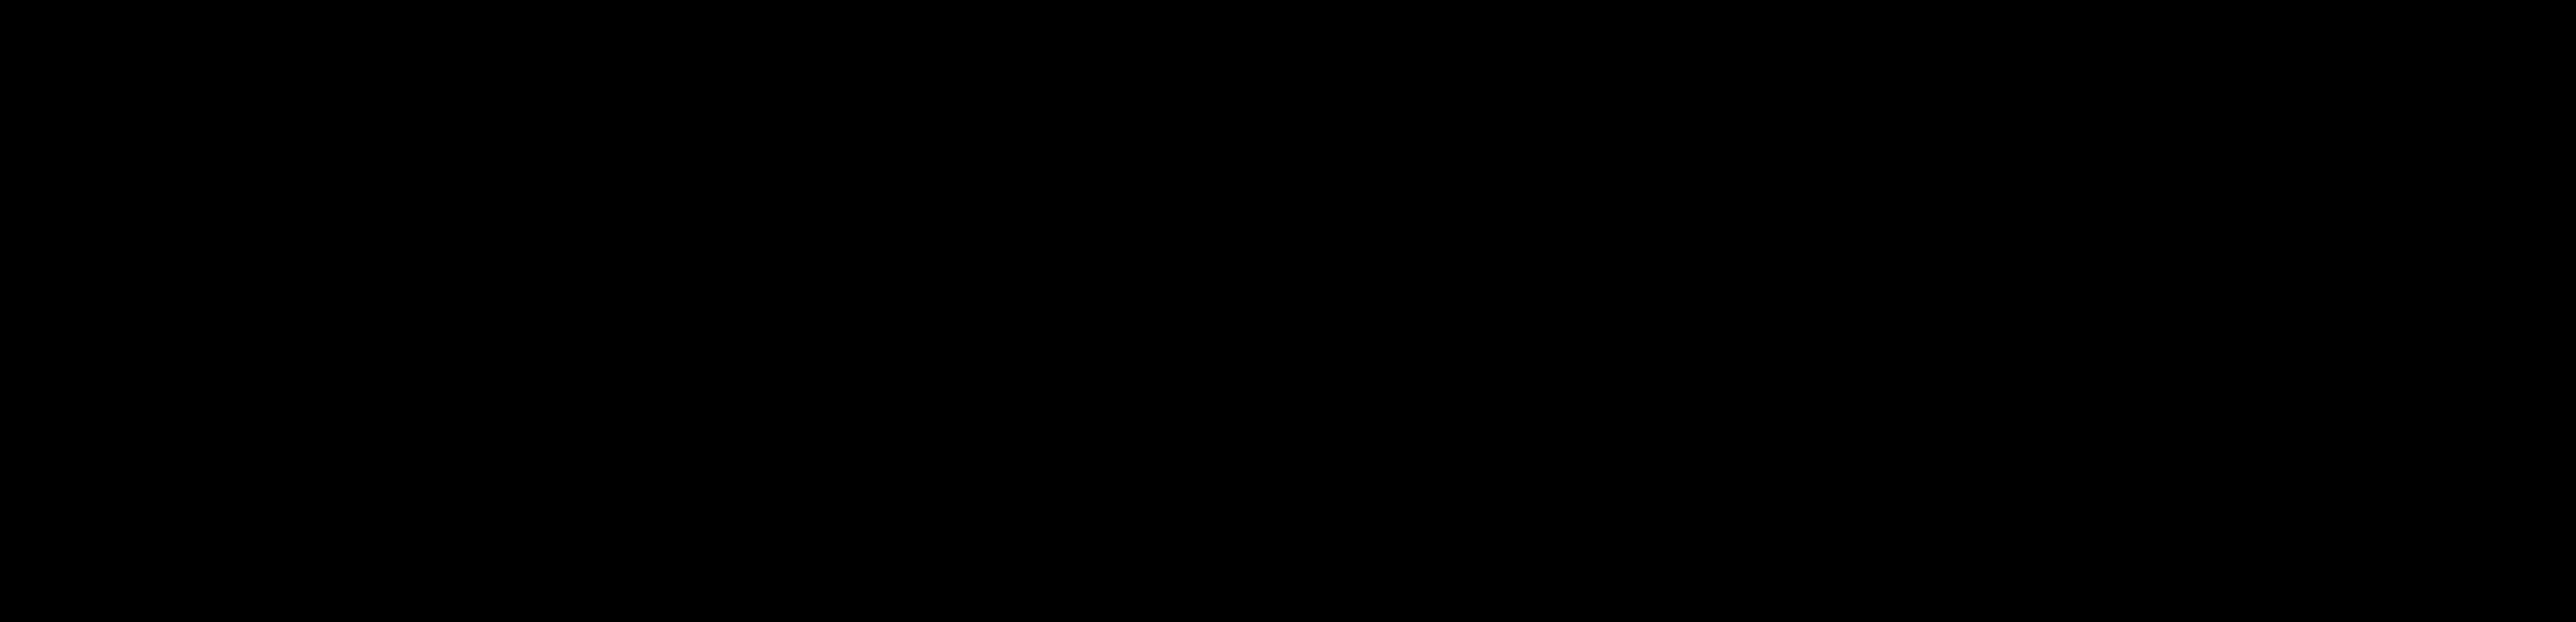 Lievense